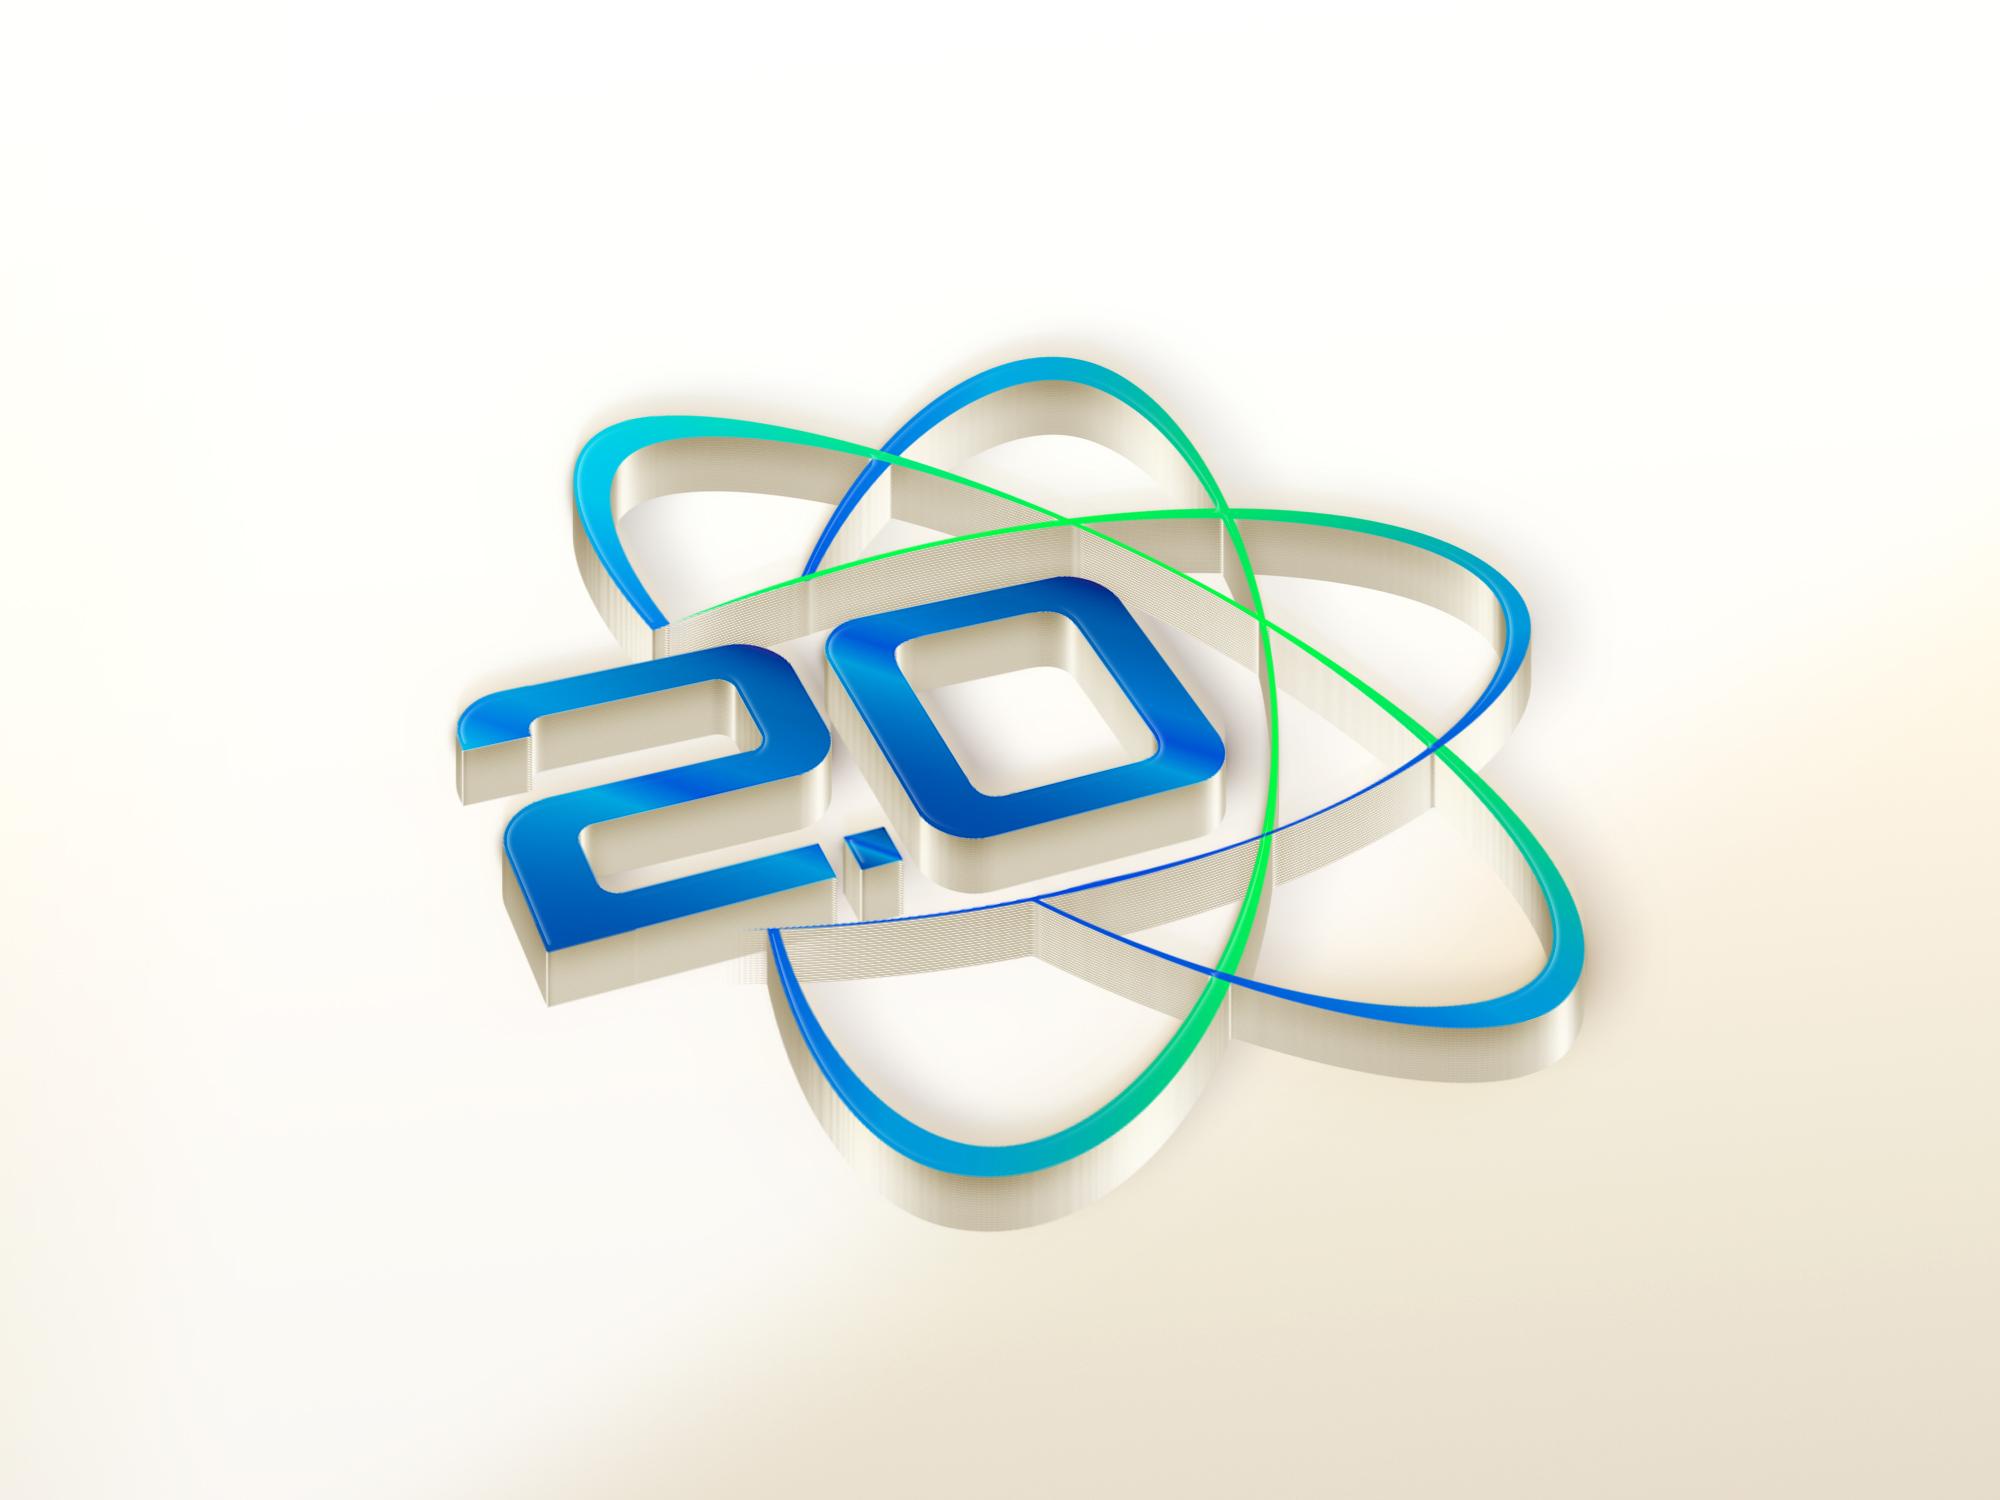 """Фирменный стиль для научного портала """"Атомная энергия 2.0"""" фото f_01759fef6ad3be73.jpg"""